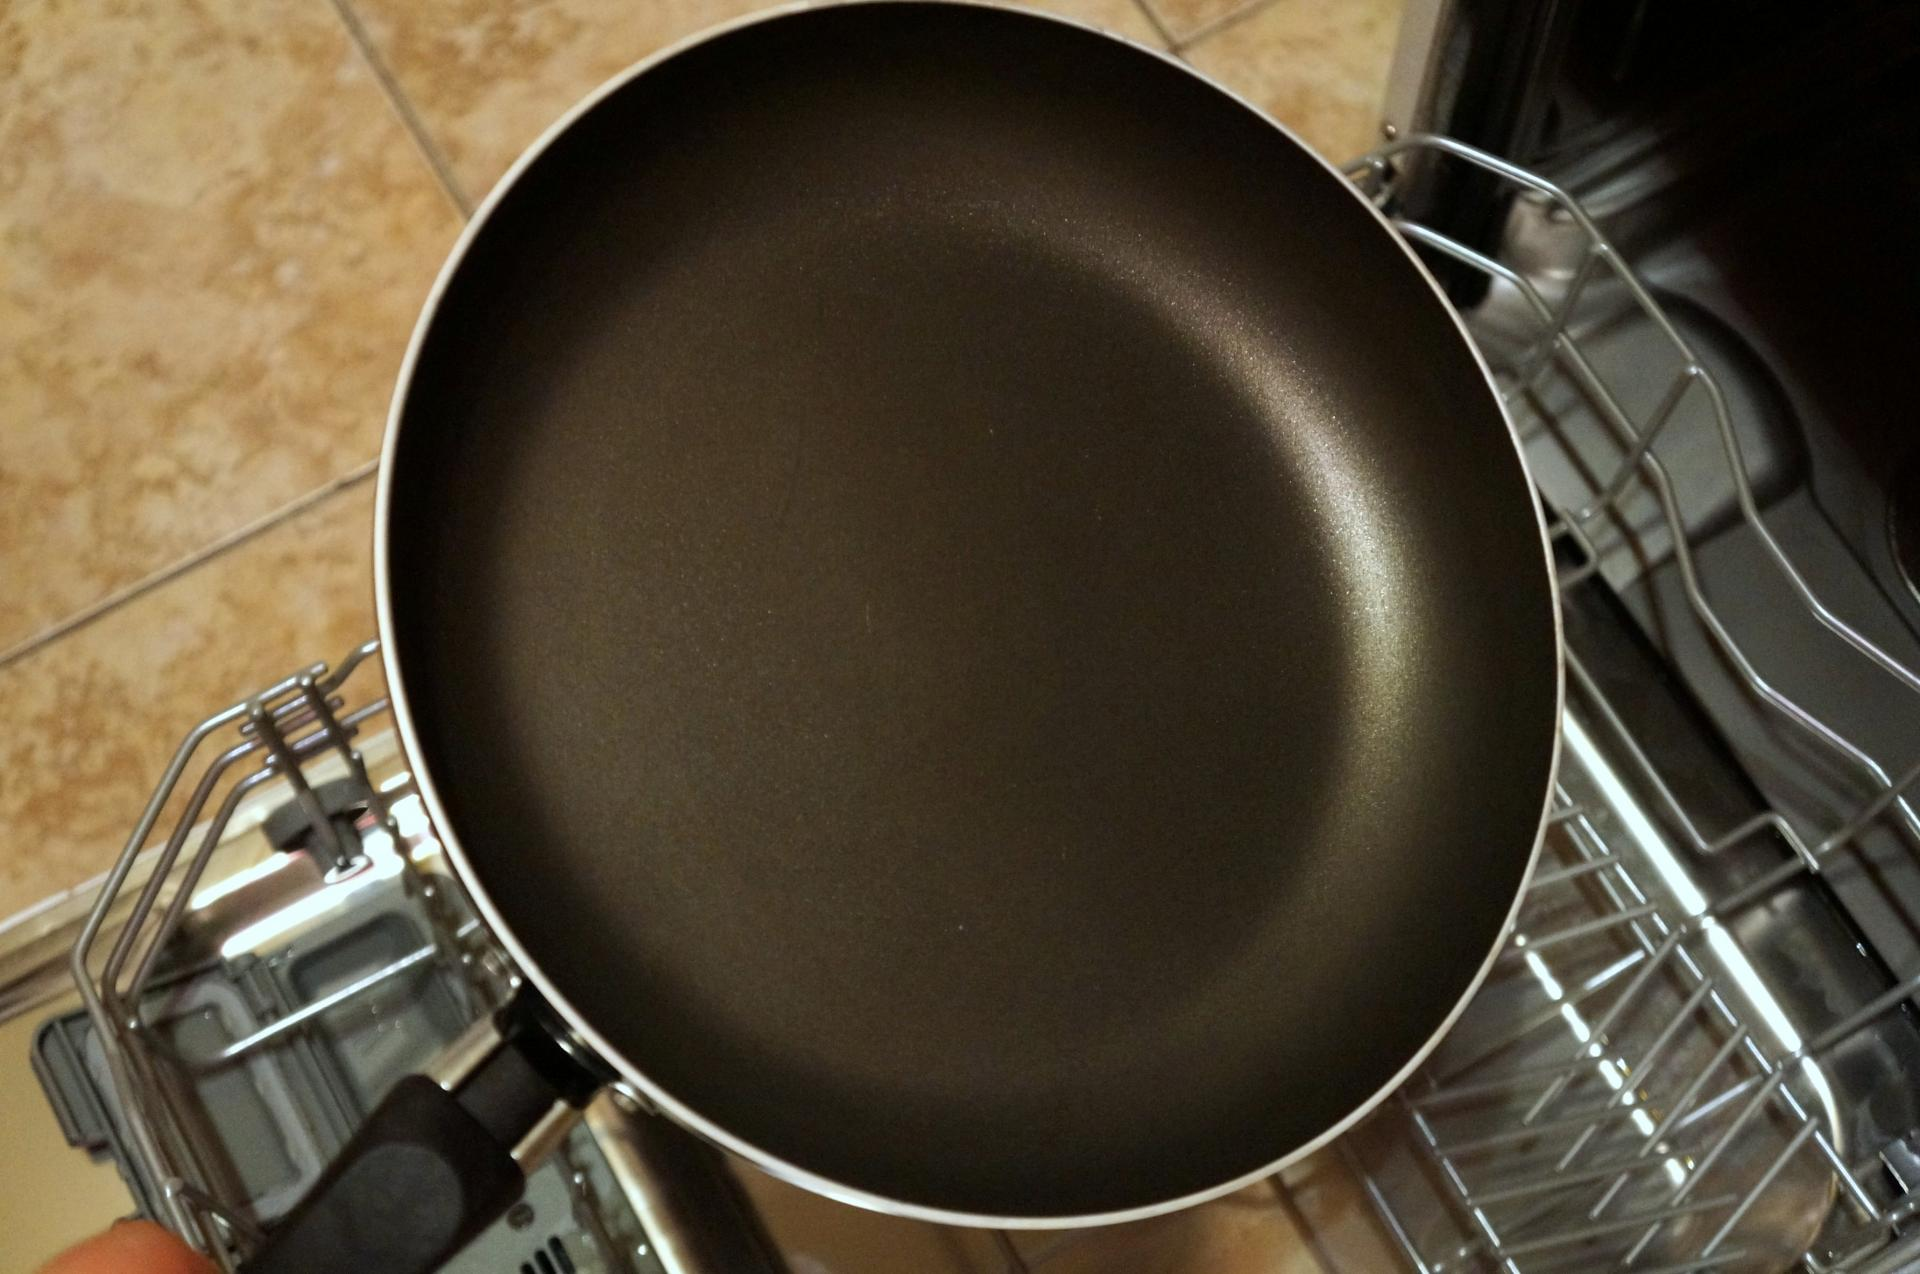 сковорода в посудомоечной машине